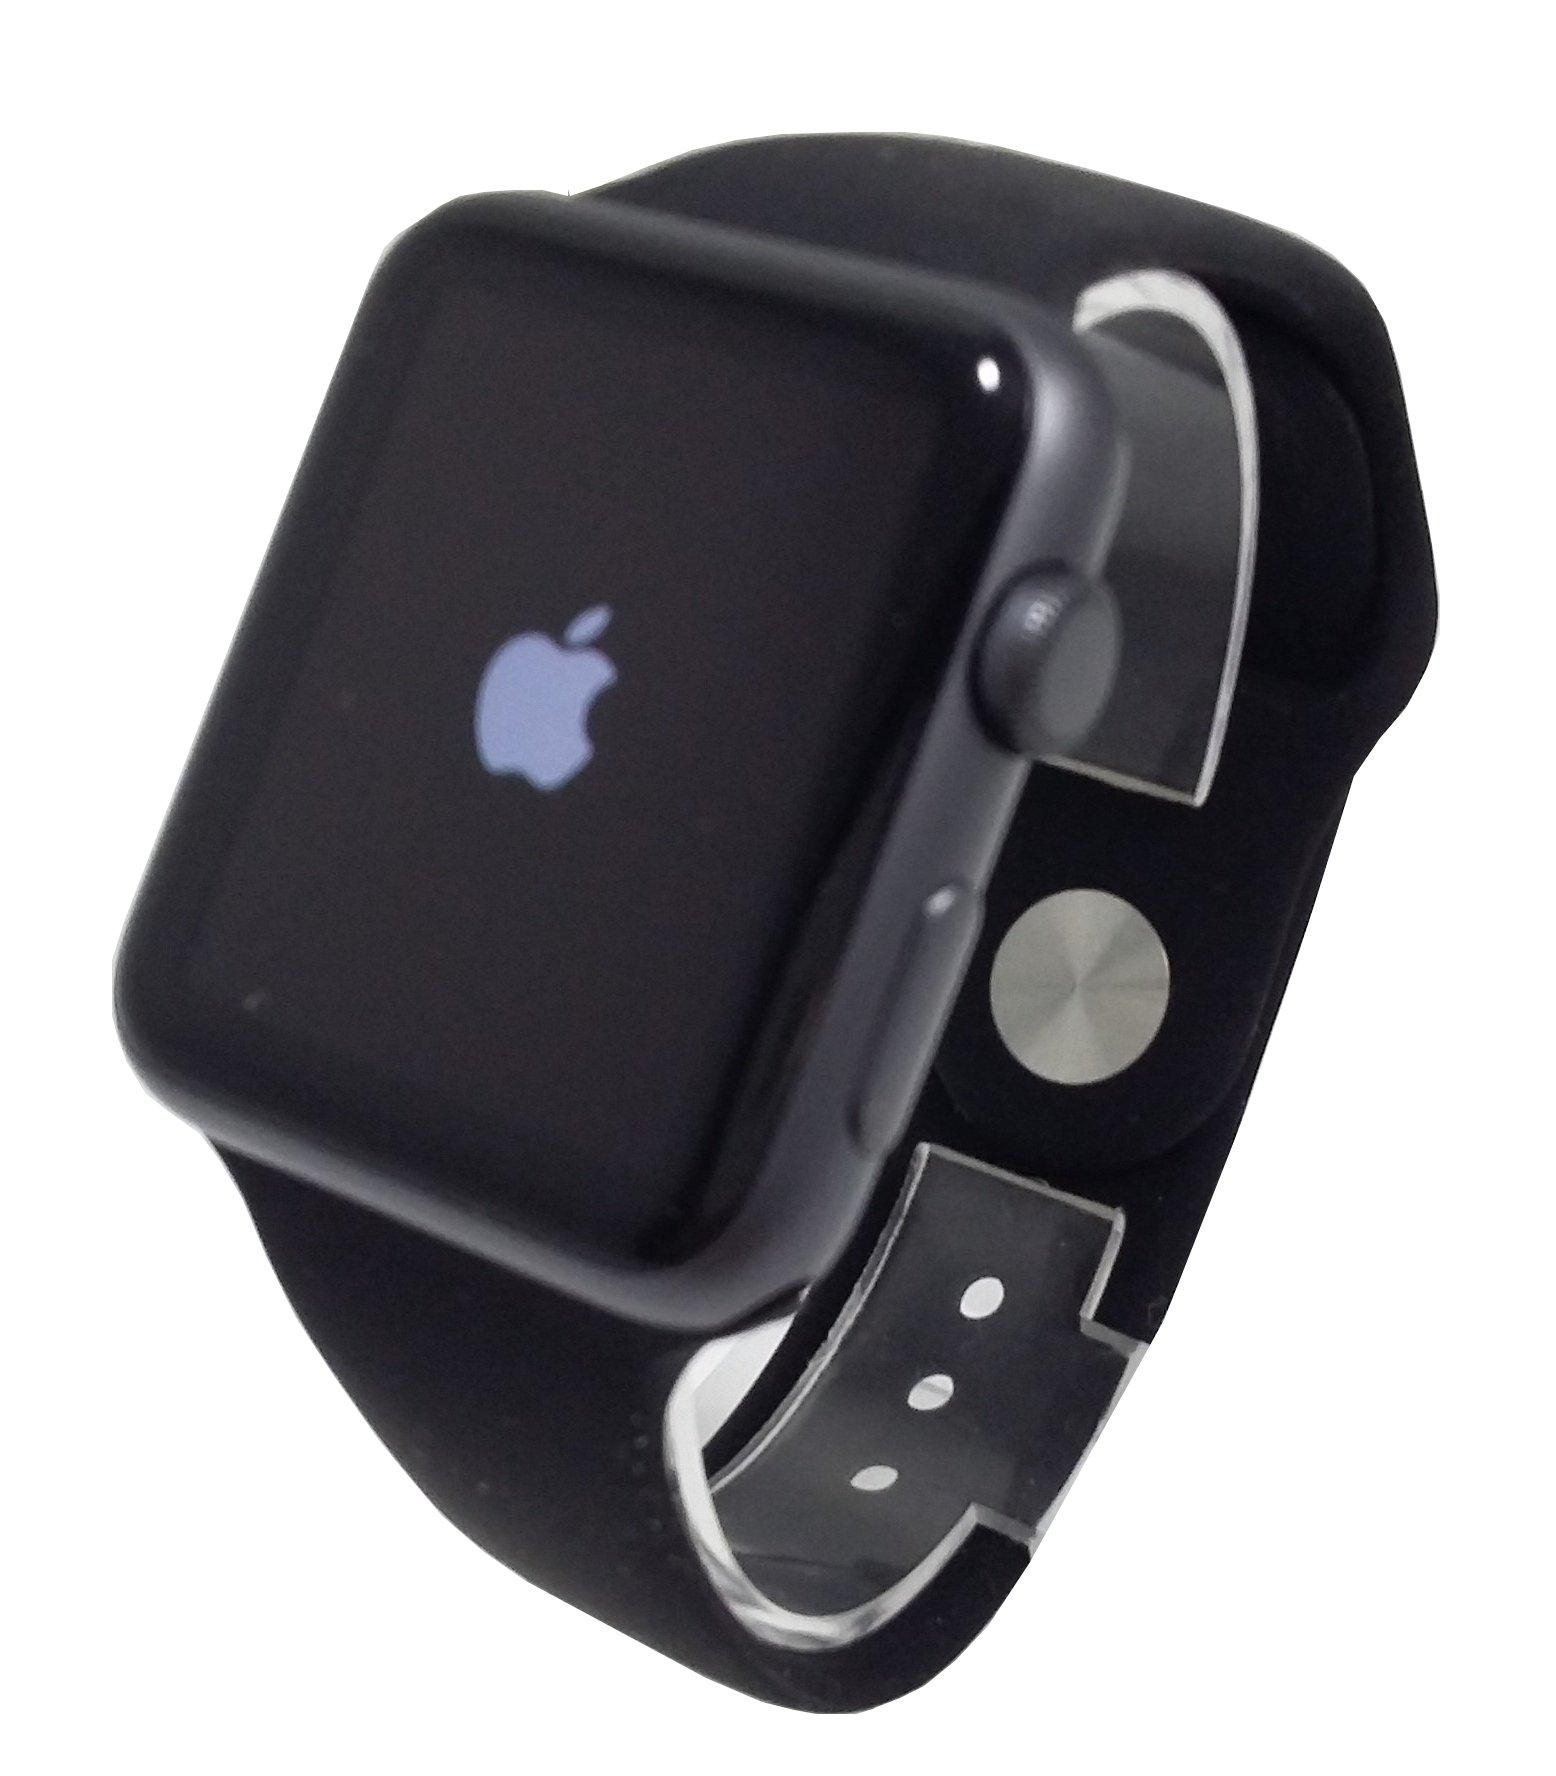 Apple Watch Series 1 42 Mm Aluminum Gamestop